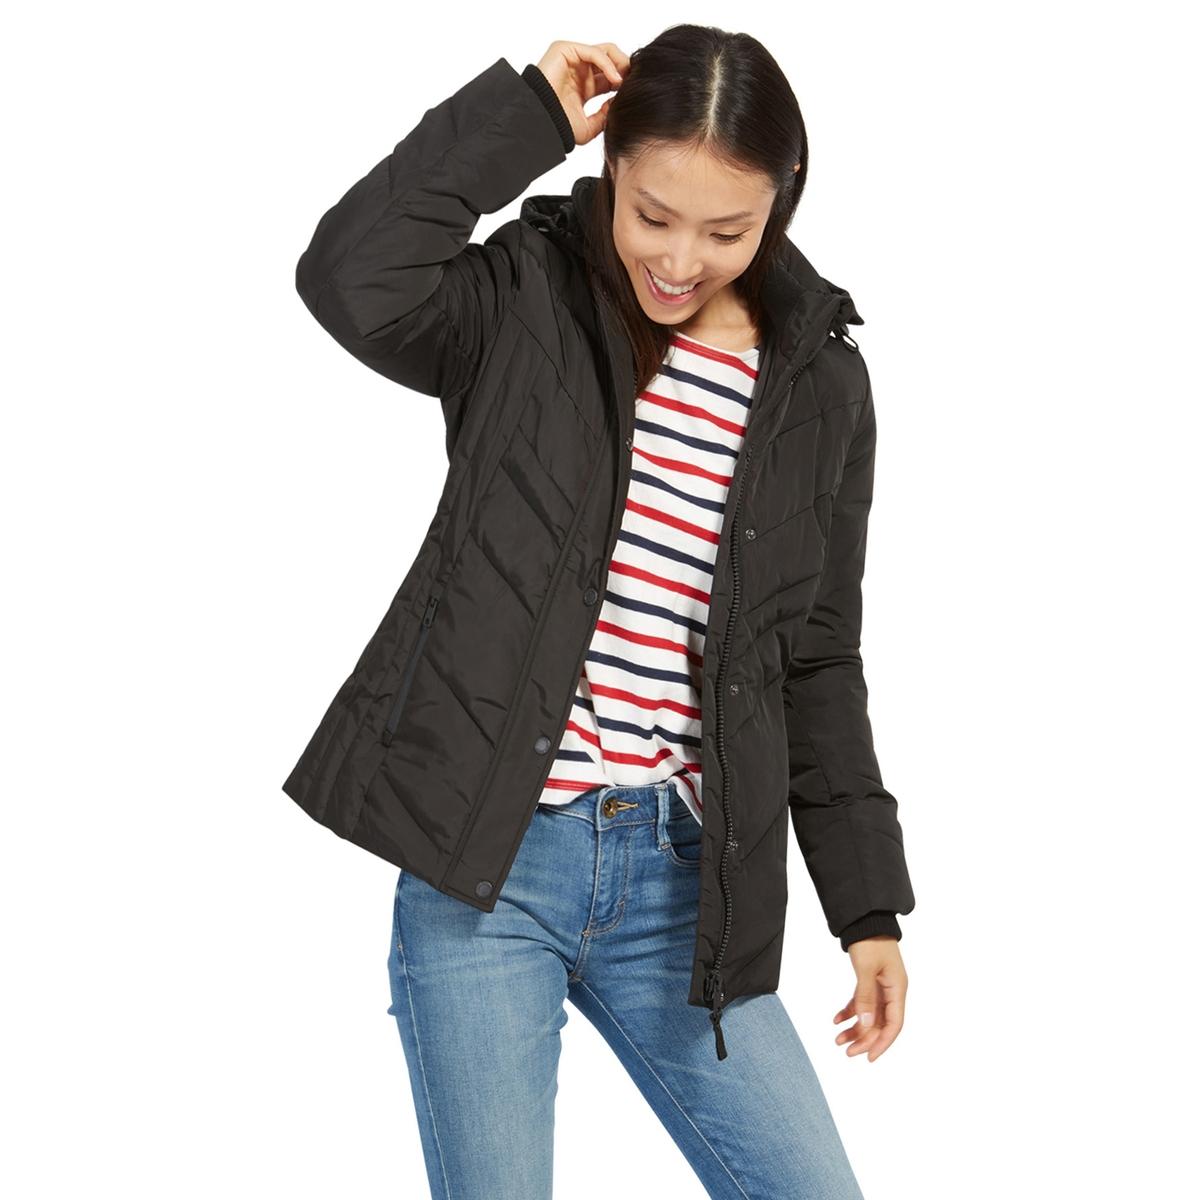 Куртка стеганая с капюшономДетали •  Длина  : укороченная   •  Капюшон  •  Застежка на молнию •  С капюшоном Состав и уход •  100% полиэстер •  Следуйте советам по уходу, указанным на этикетке<br><br>Цвет: черный<br>Размер: XL